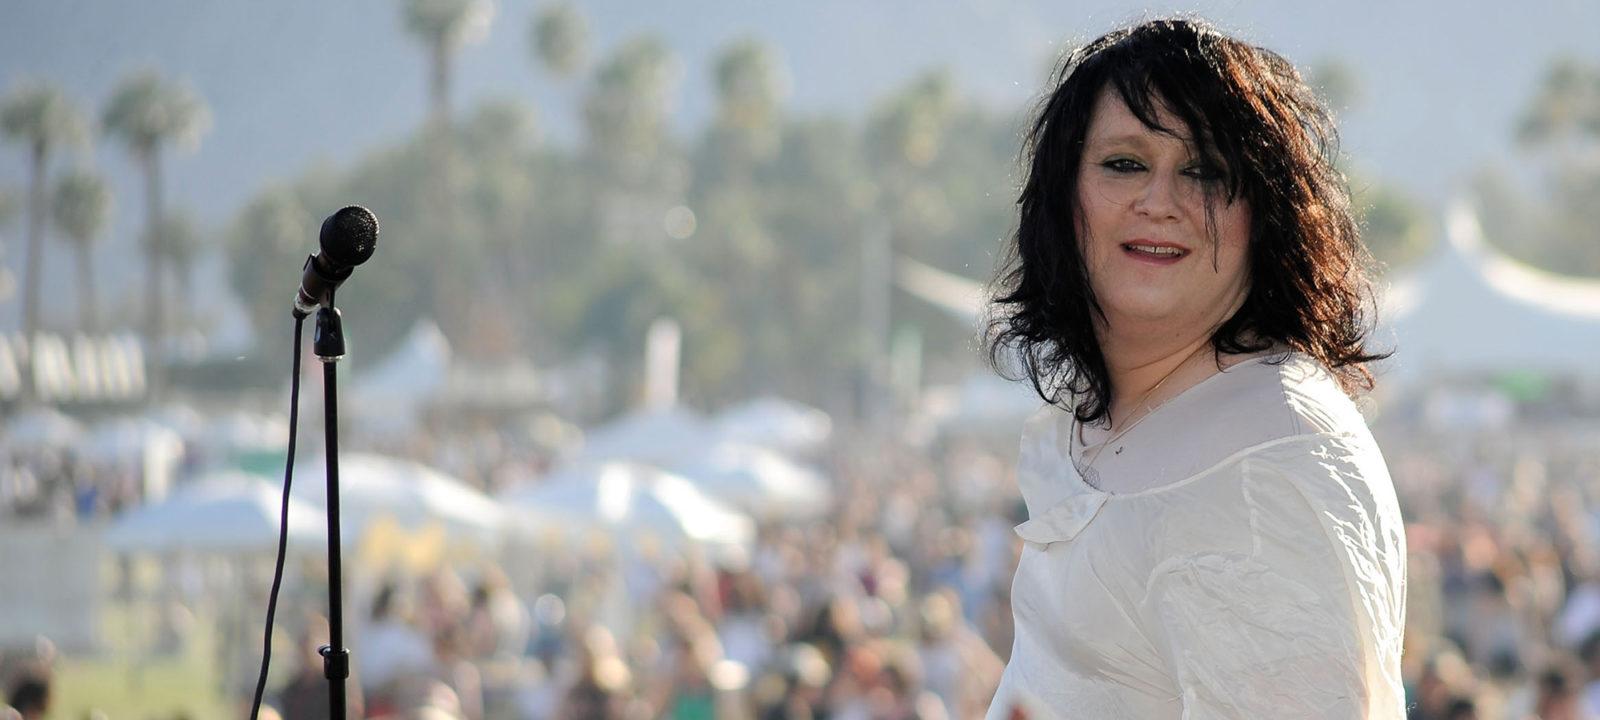 Coachella Valley Music & Arts Festival 2009 – Day 3